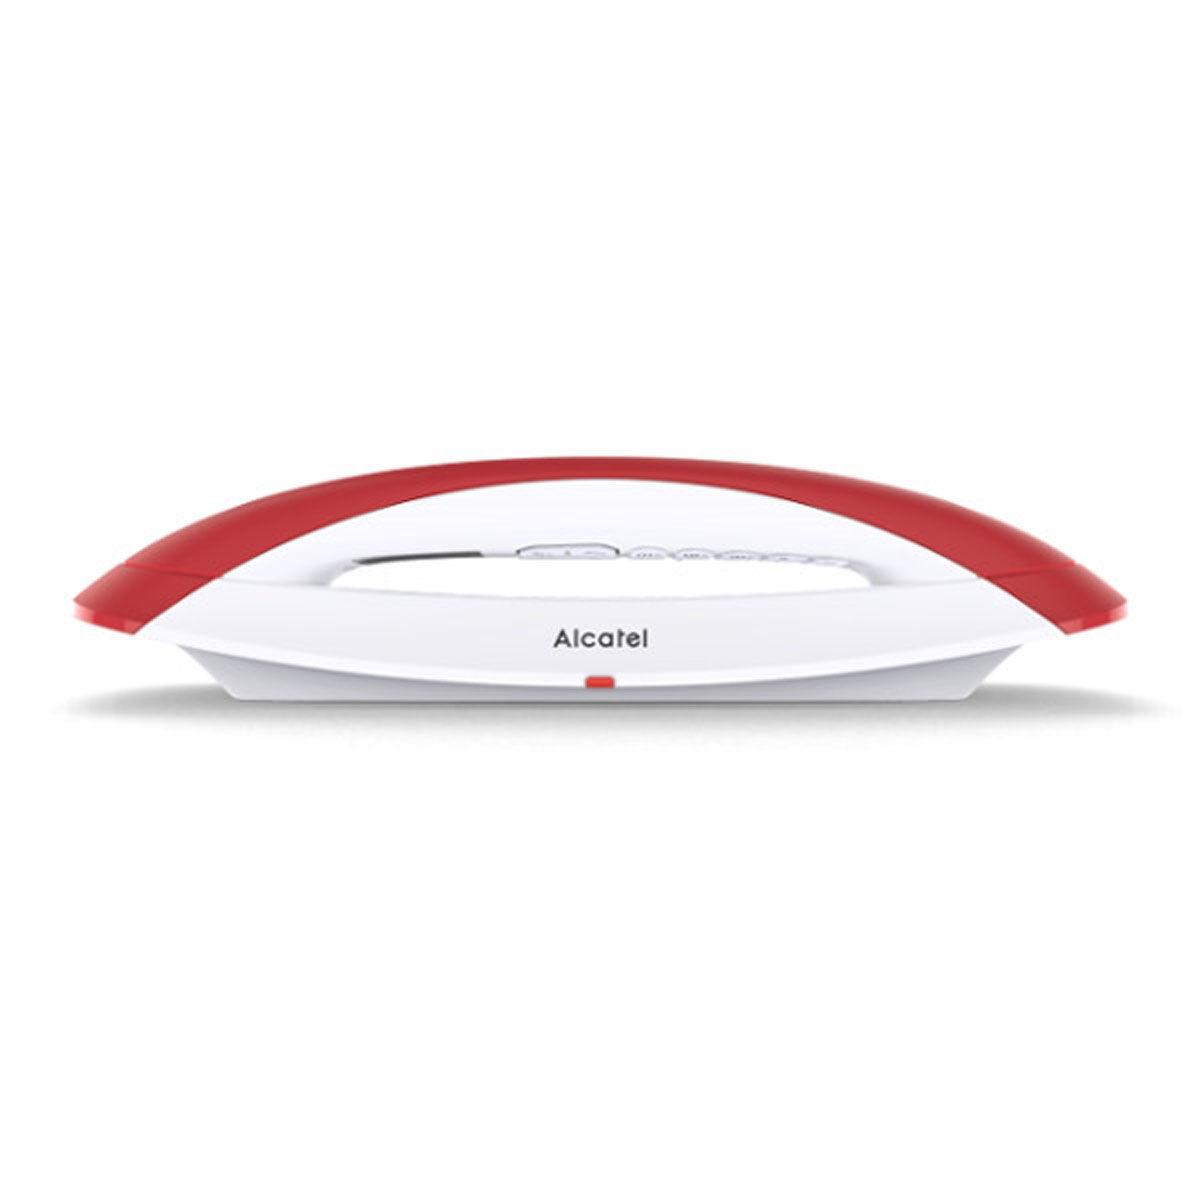 Alcatel Téléphone sans fil dect alcatel smile rouge